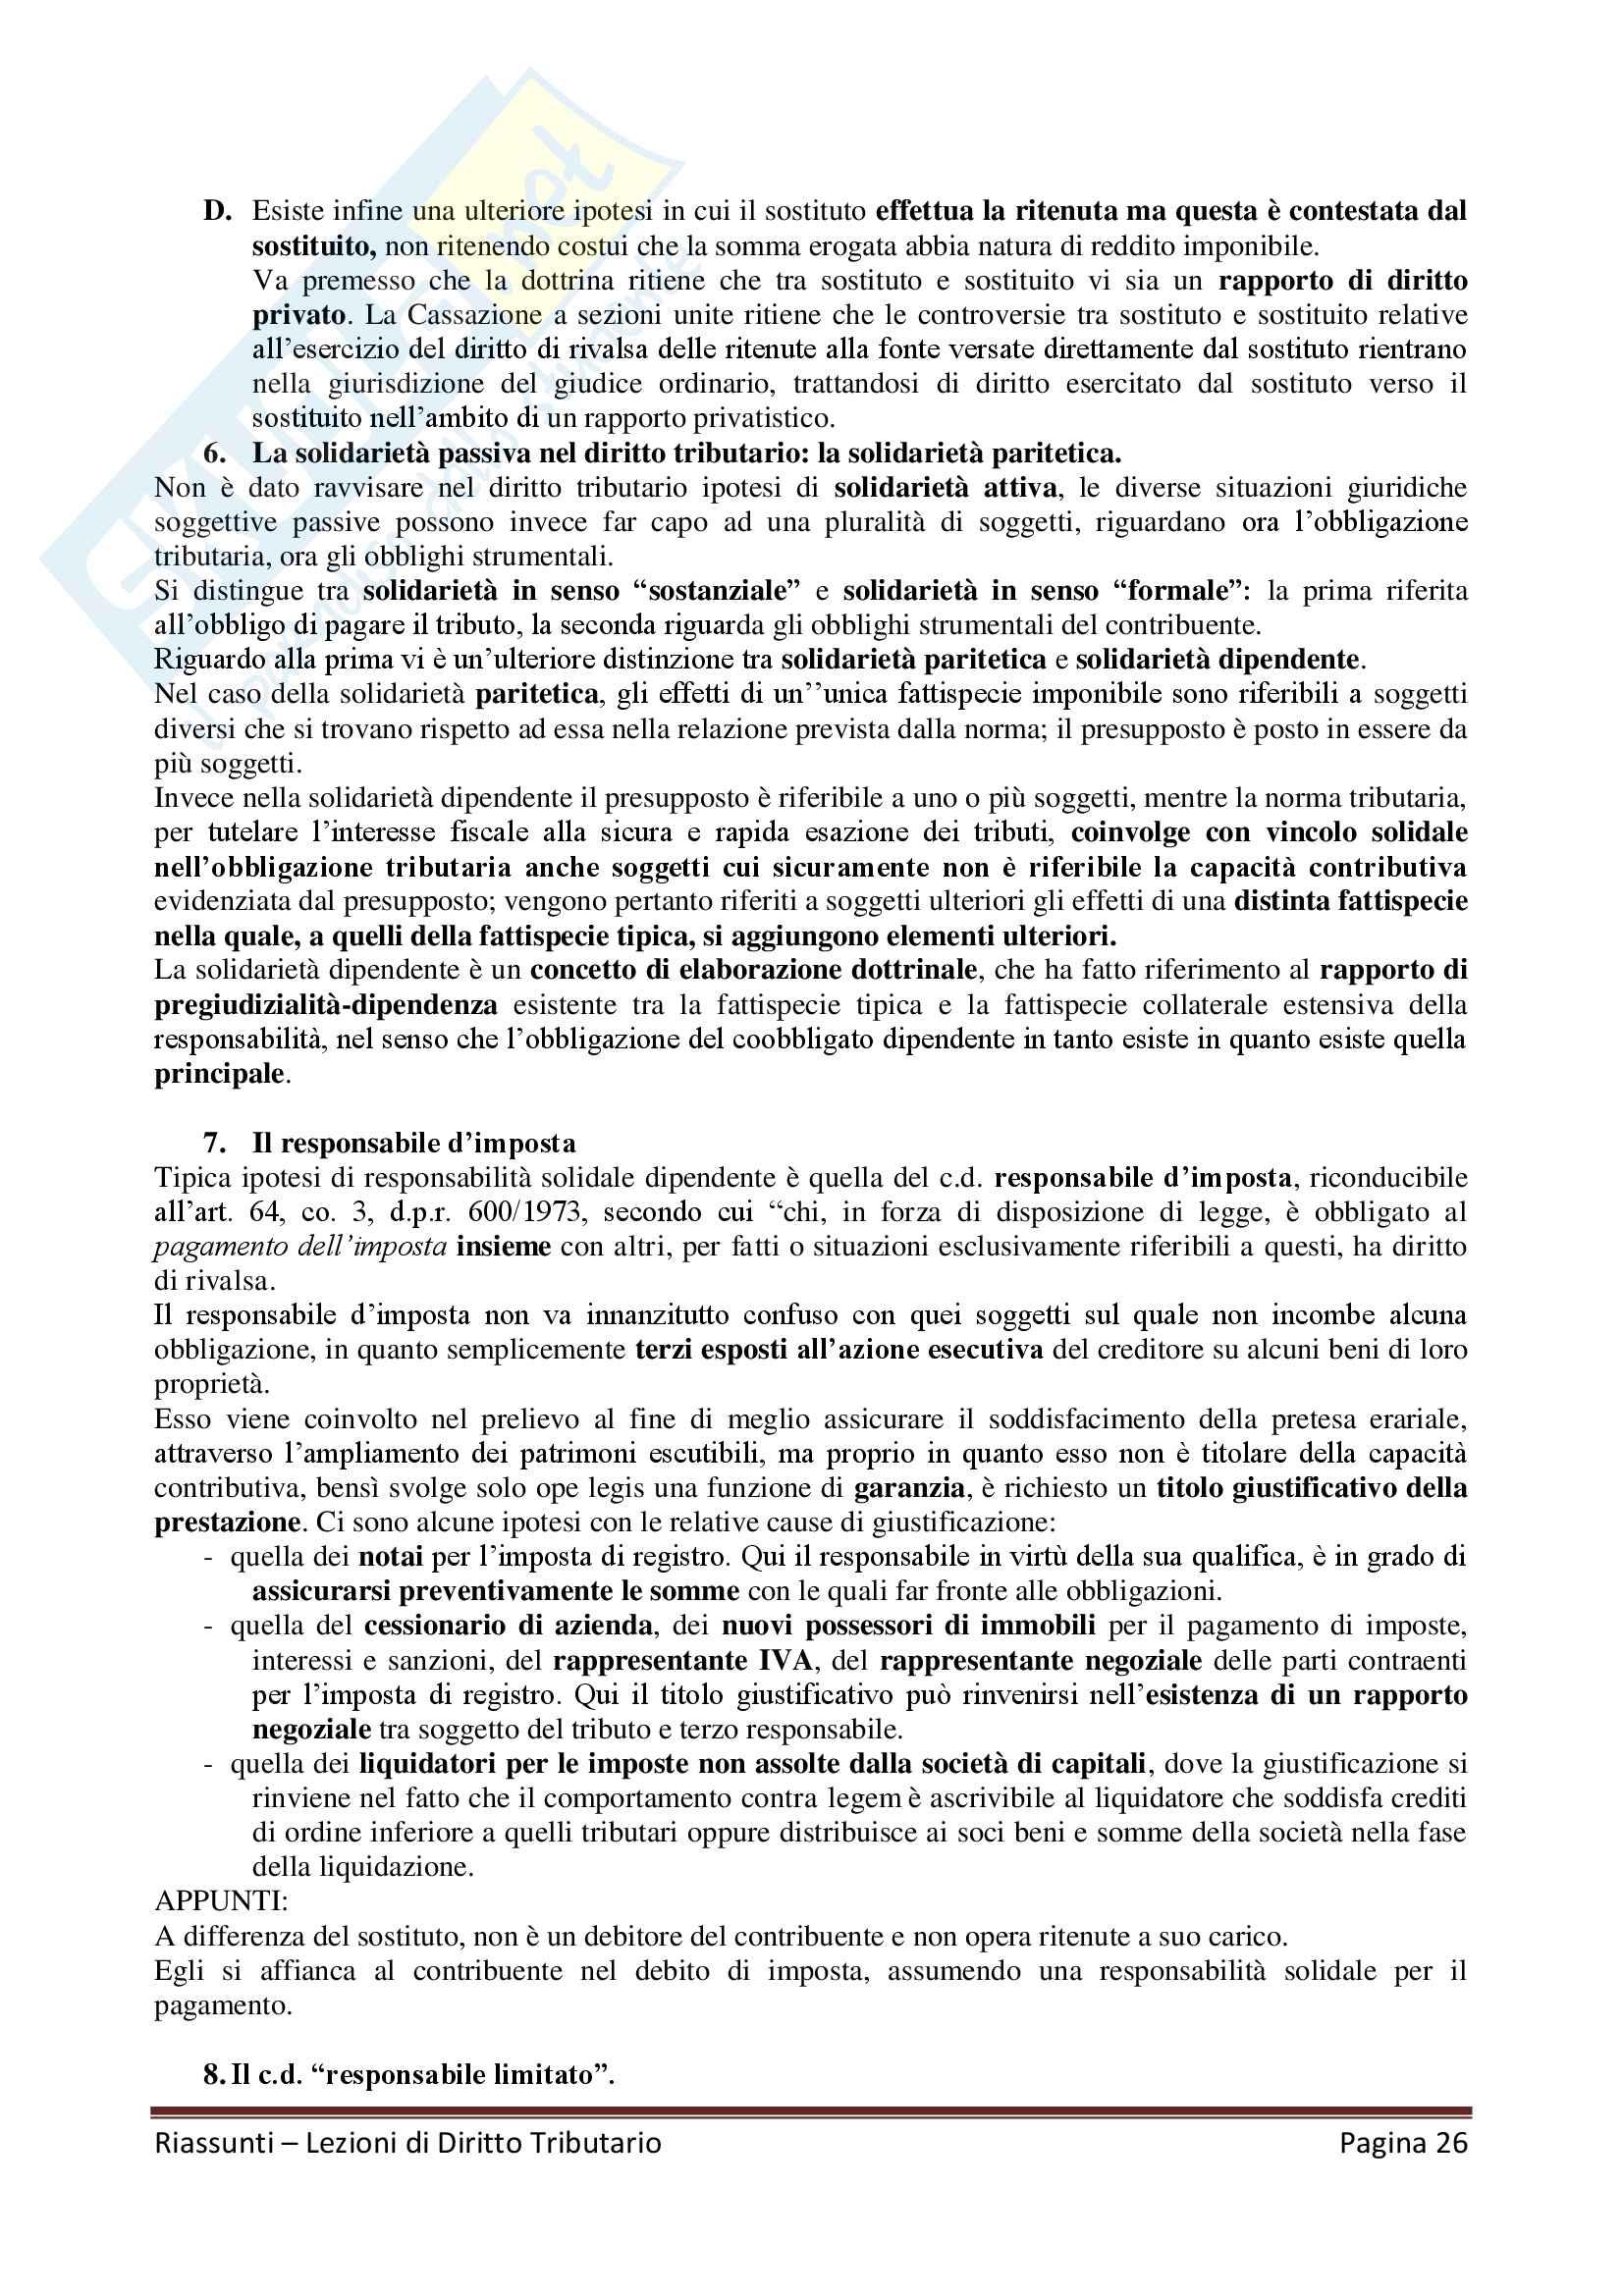 """Riassunto esame Diritto Tributario, Docente G. Melis, libro consigliato """"Lezioni di diritto tributario"""" di G. Melis Pag. 26"""